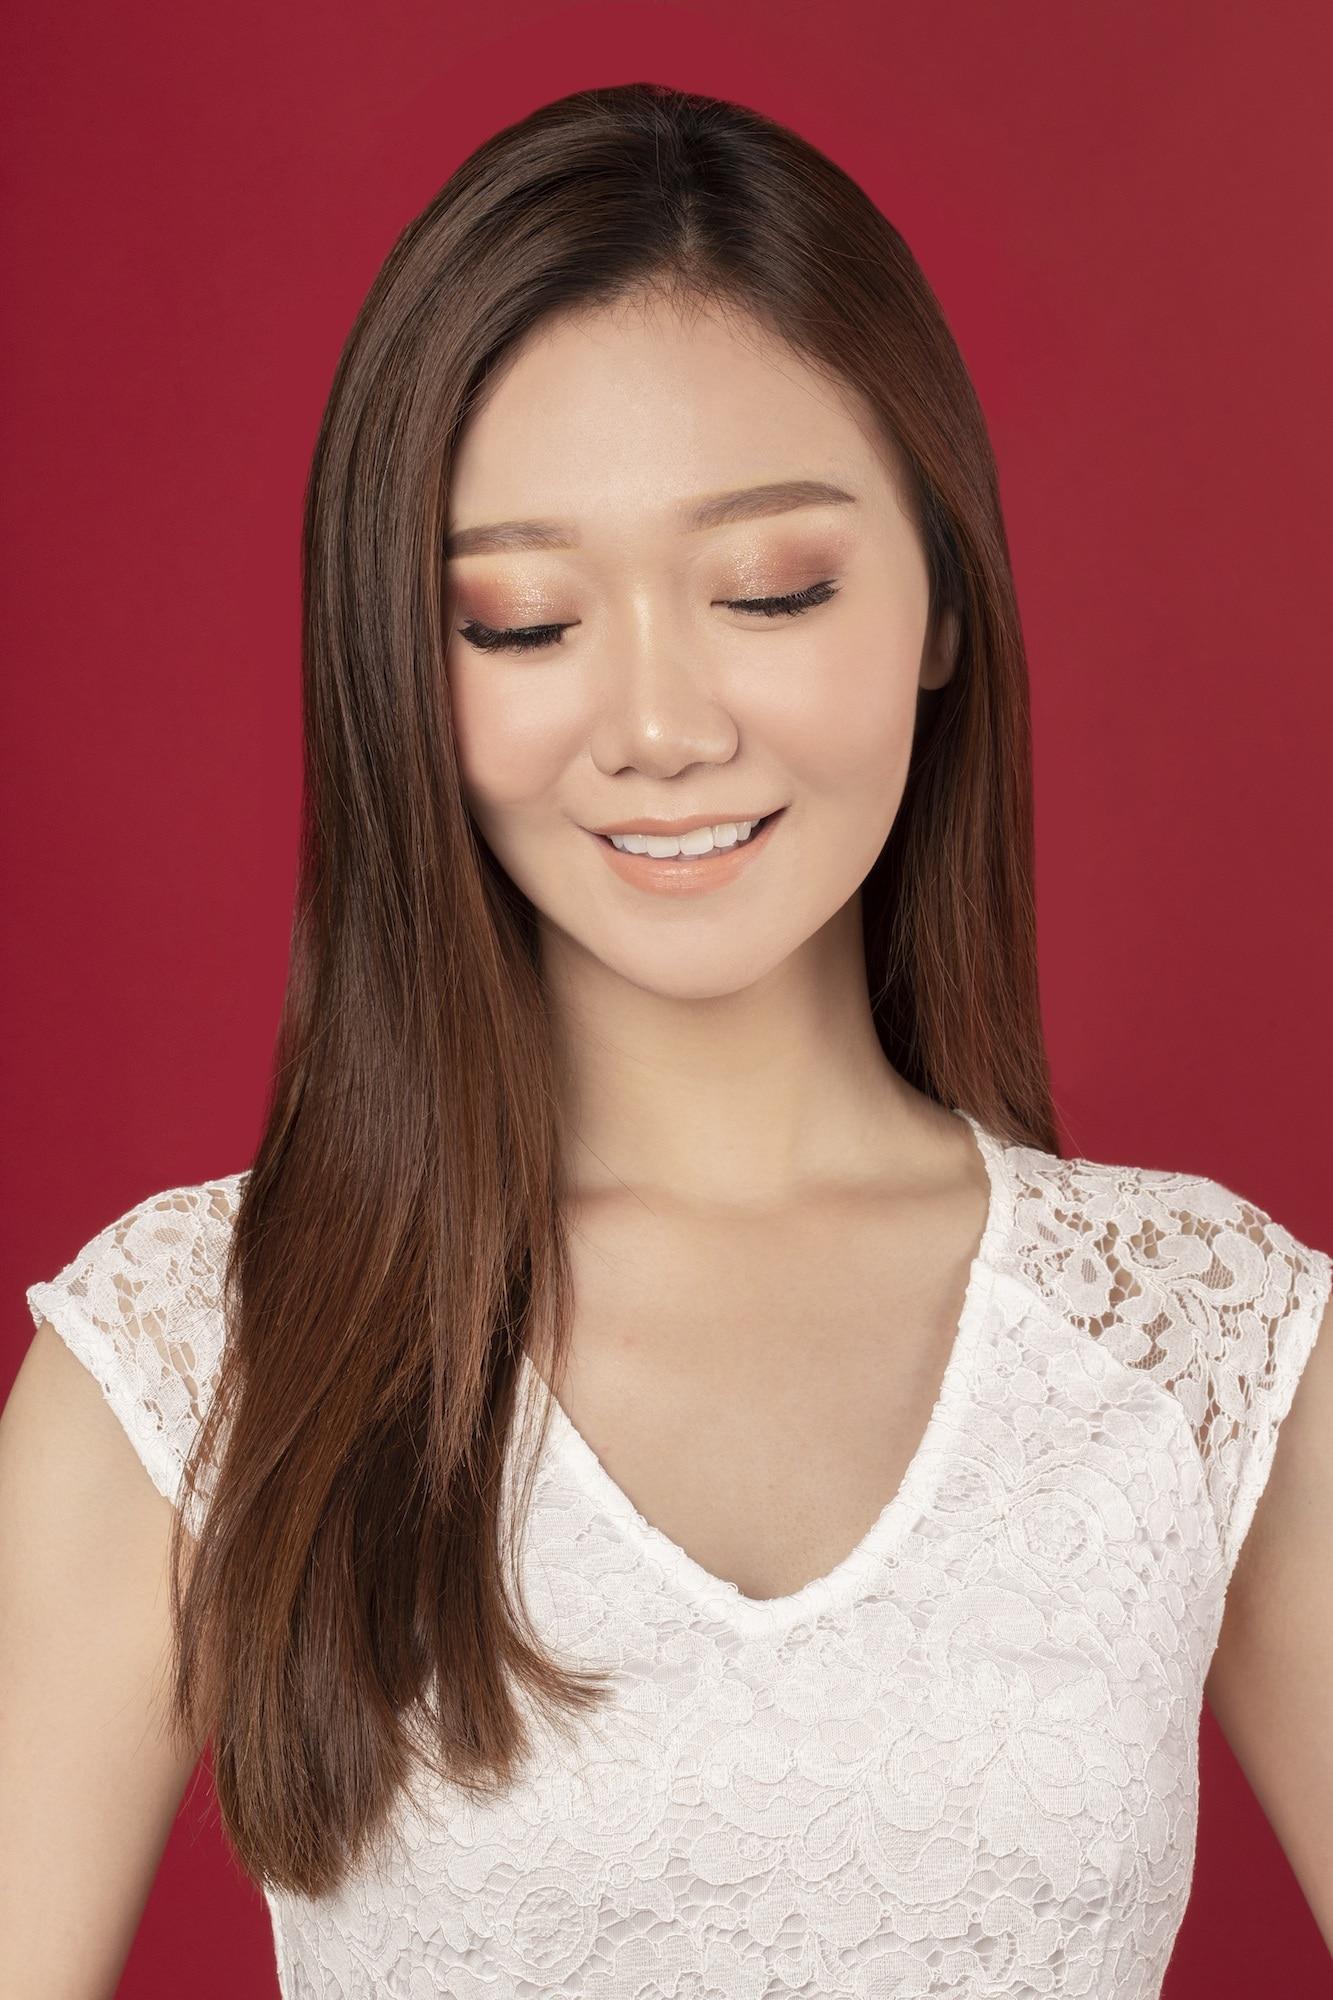 Warna rambut auburn pada rambut panjang.